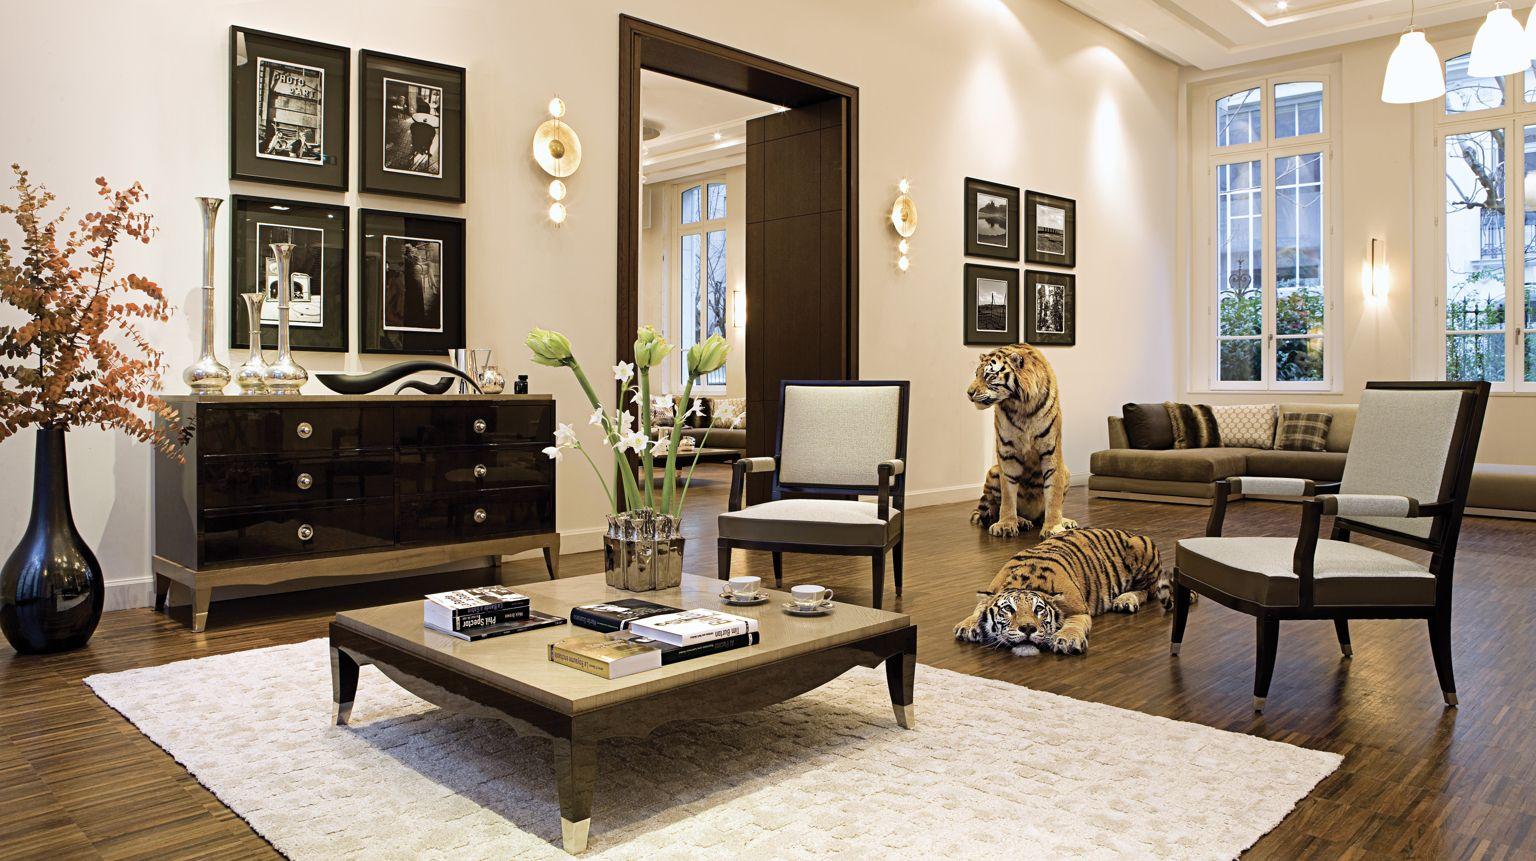 grand hotel chair nouveaux classiques collection roche bobois. Black Bedroom Furniture Sets. Home Design Ideas